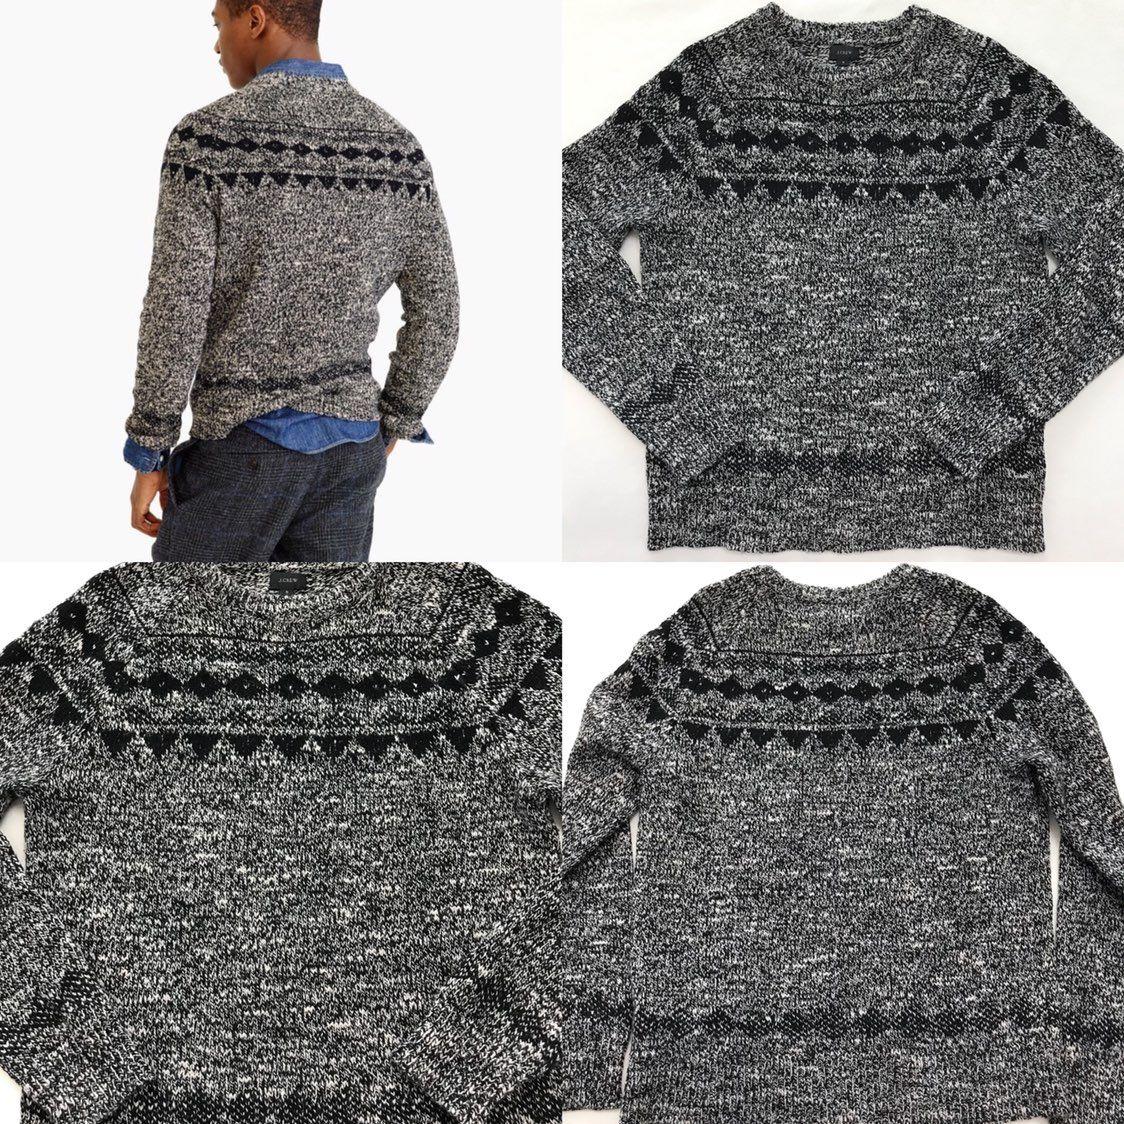 J. Crew Italian Wool Fair Isle Sweater - Mercari: BUY & SELL ...